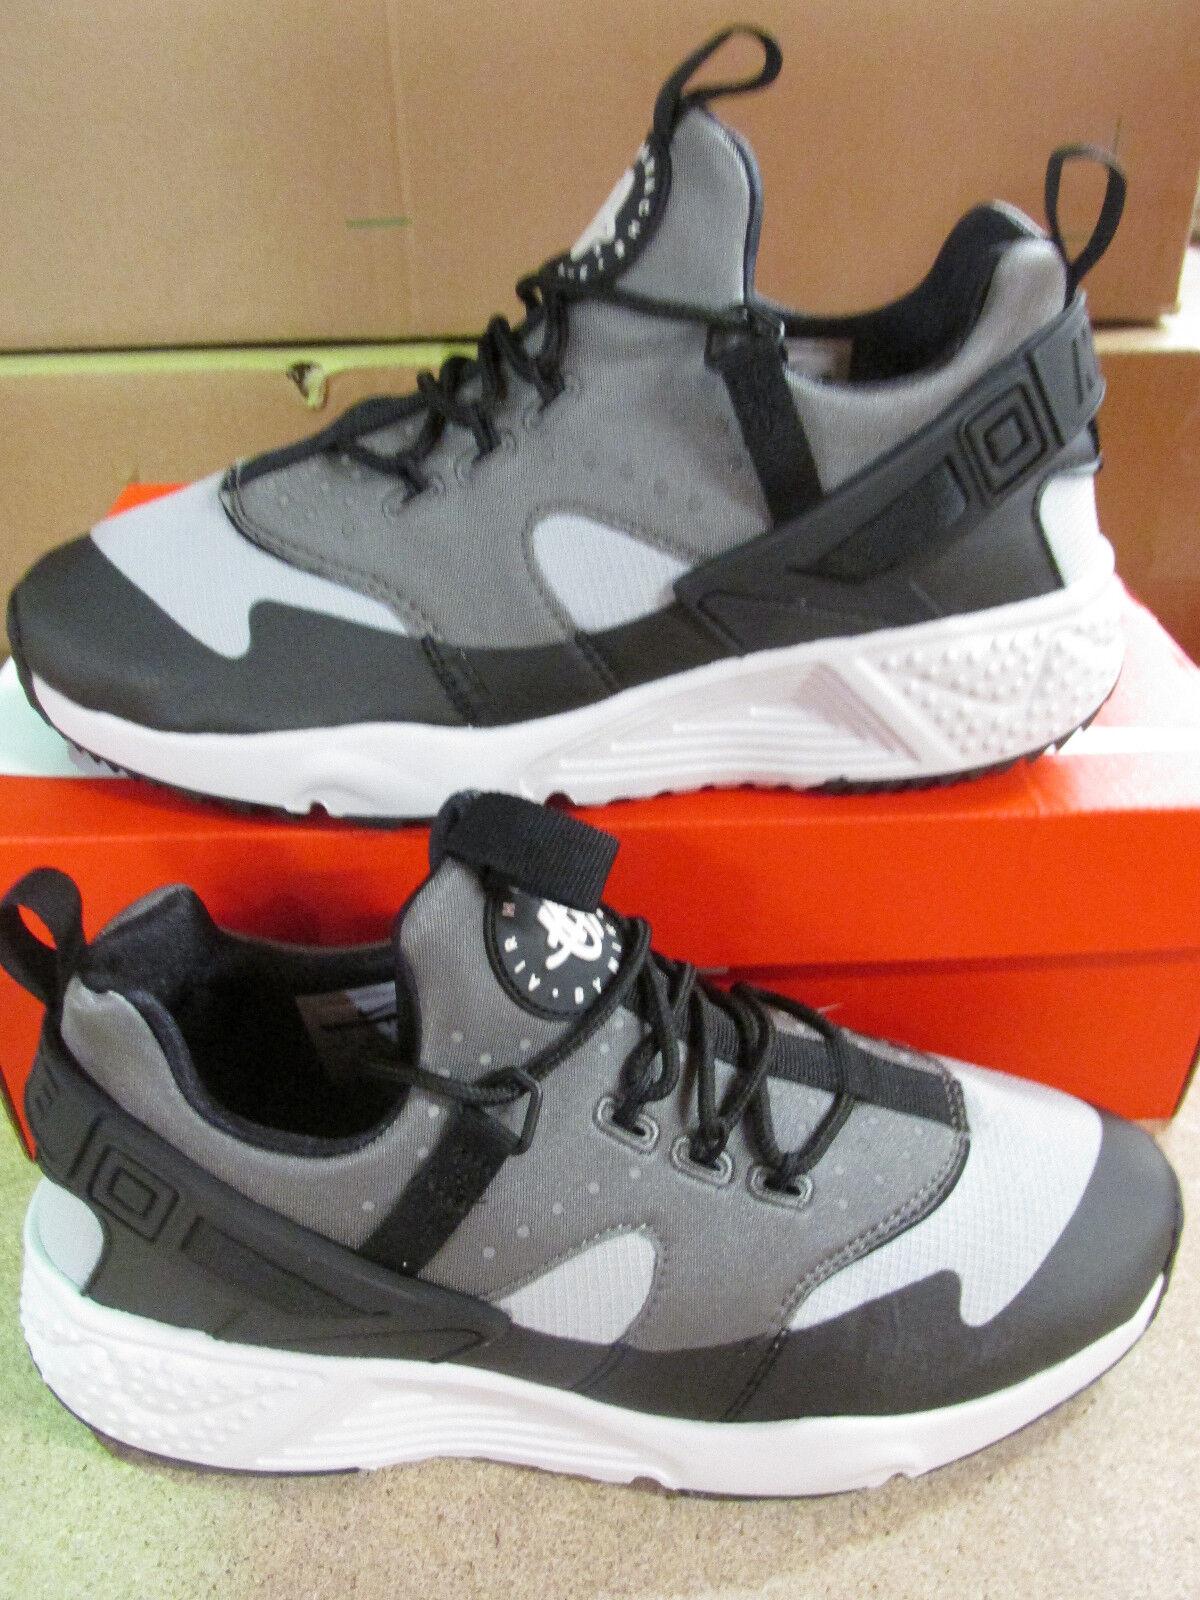 Zapatillas para hombre Nike Air Huarache utilidad 806807 Tenis 003 Tenis 806807 Zapatos e0400e